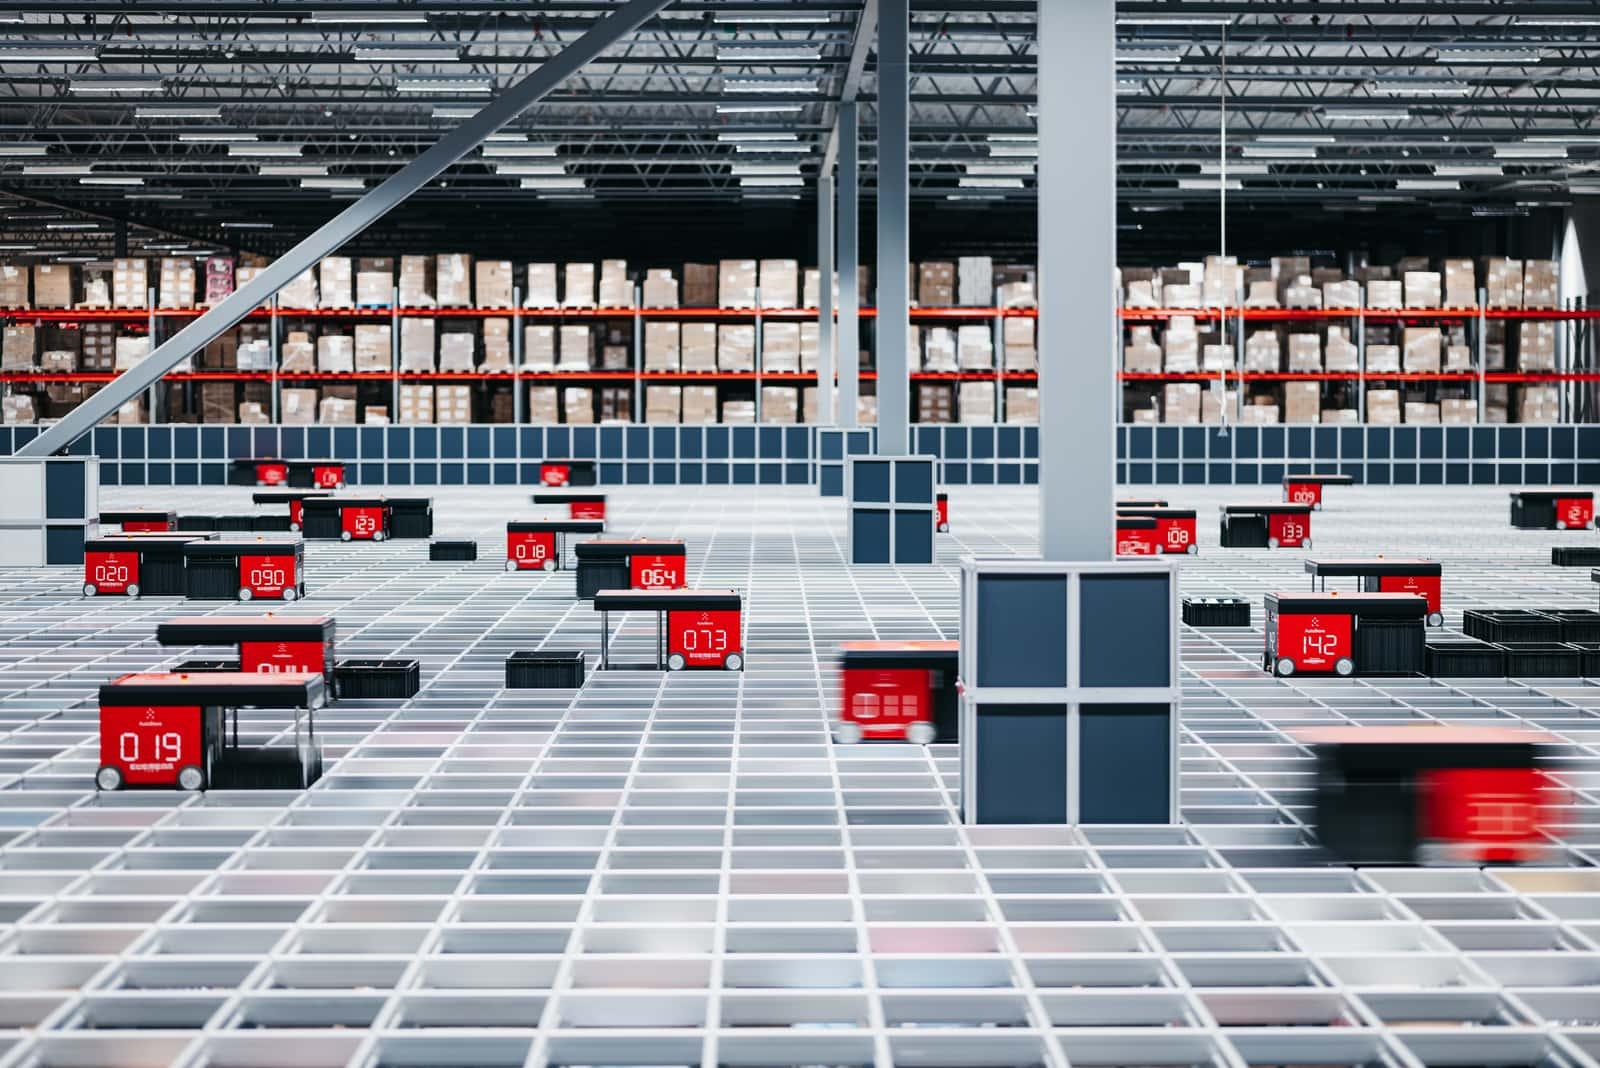 Robots AutoStore desplazándose por el almacén